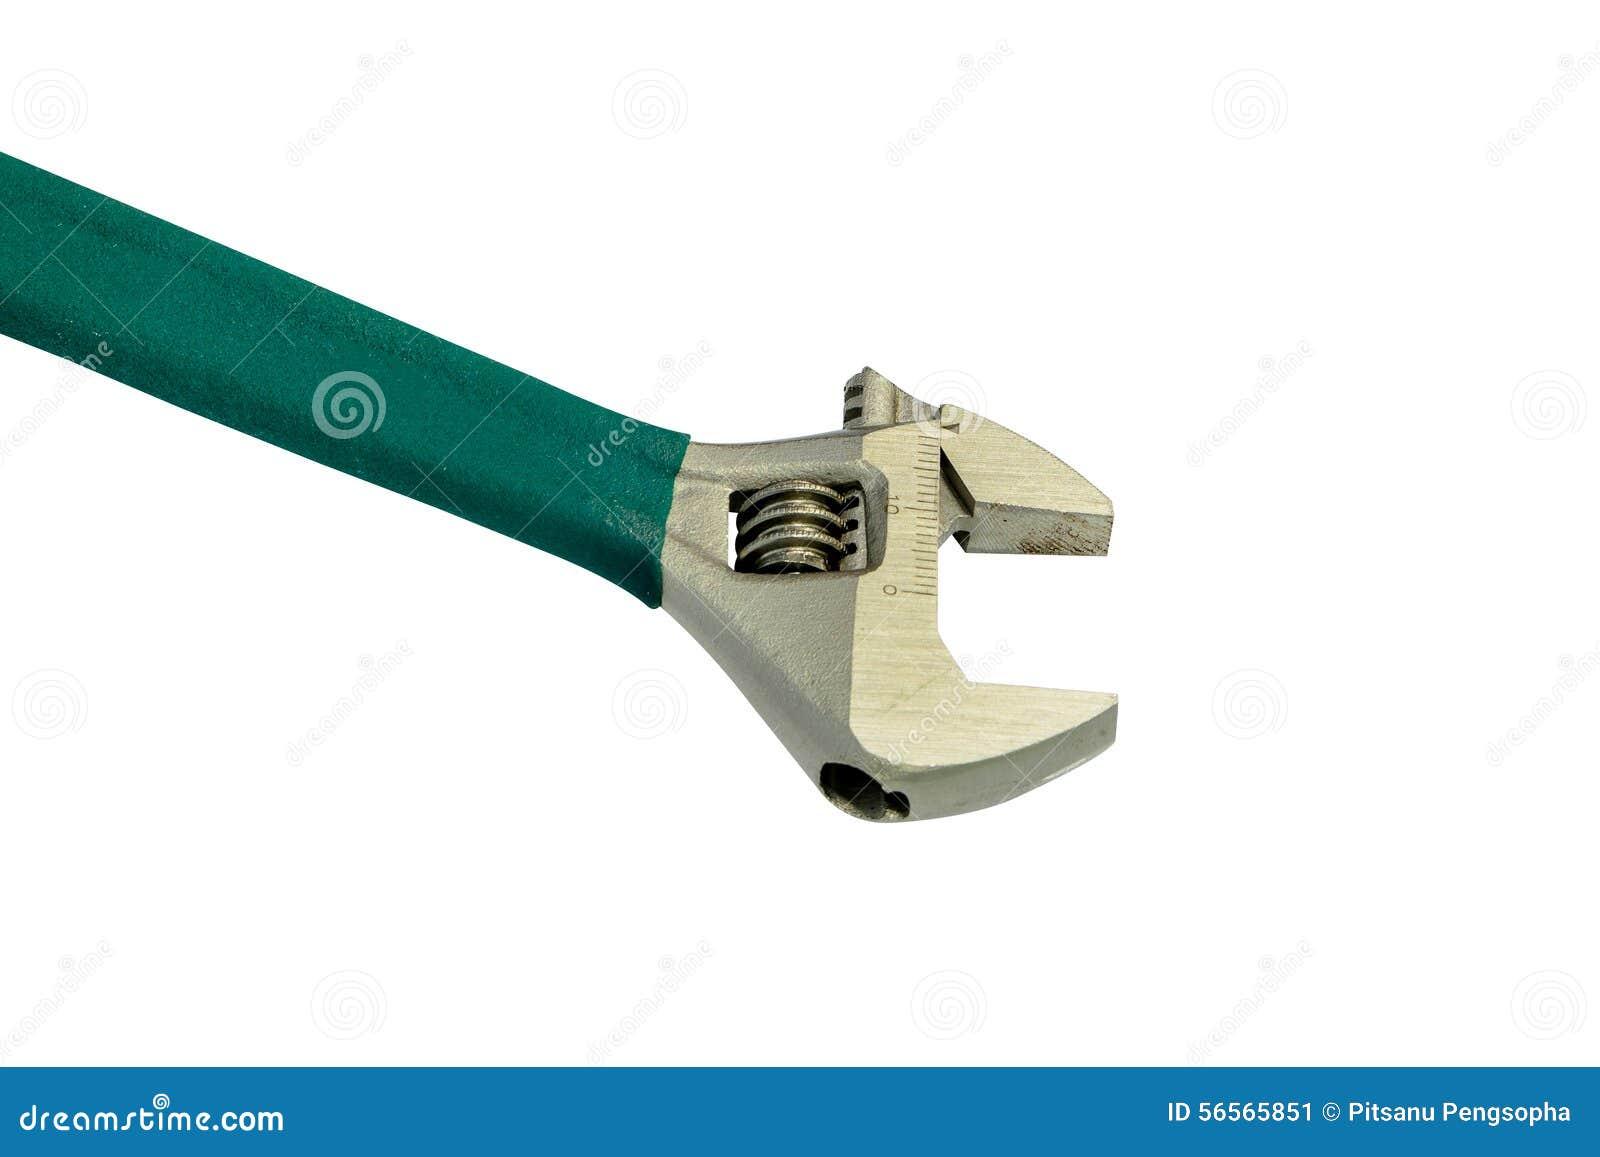 Download Γαλλικό κλειδί πιθήκων στο άσπρο υπόβαθρο Στοκ Εικόνα - εικόνα από βρύση, σύμβολο: 56565851